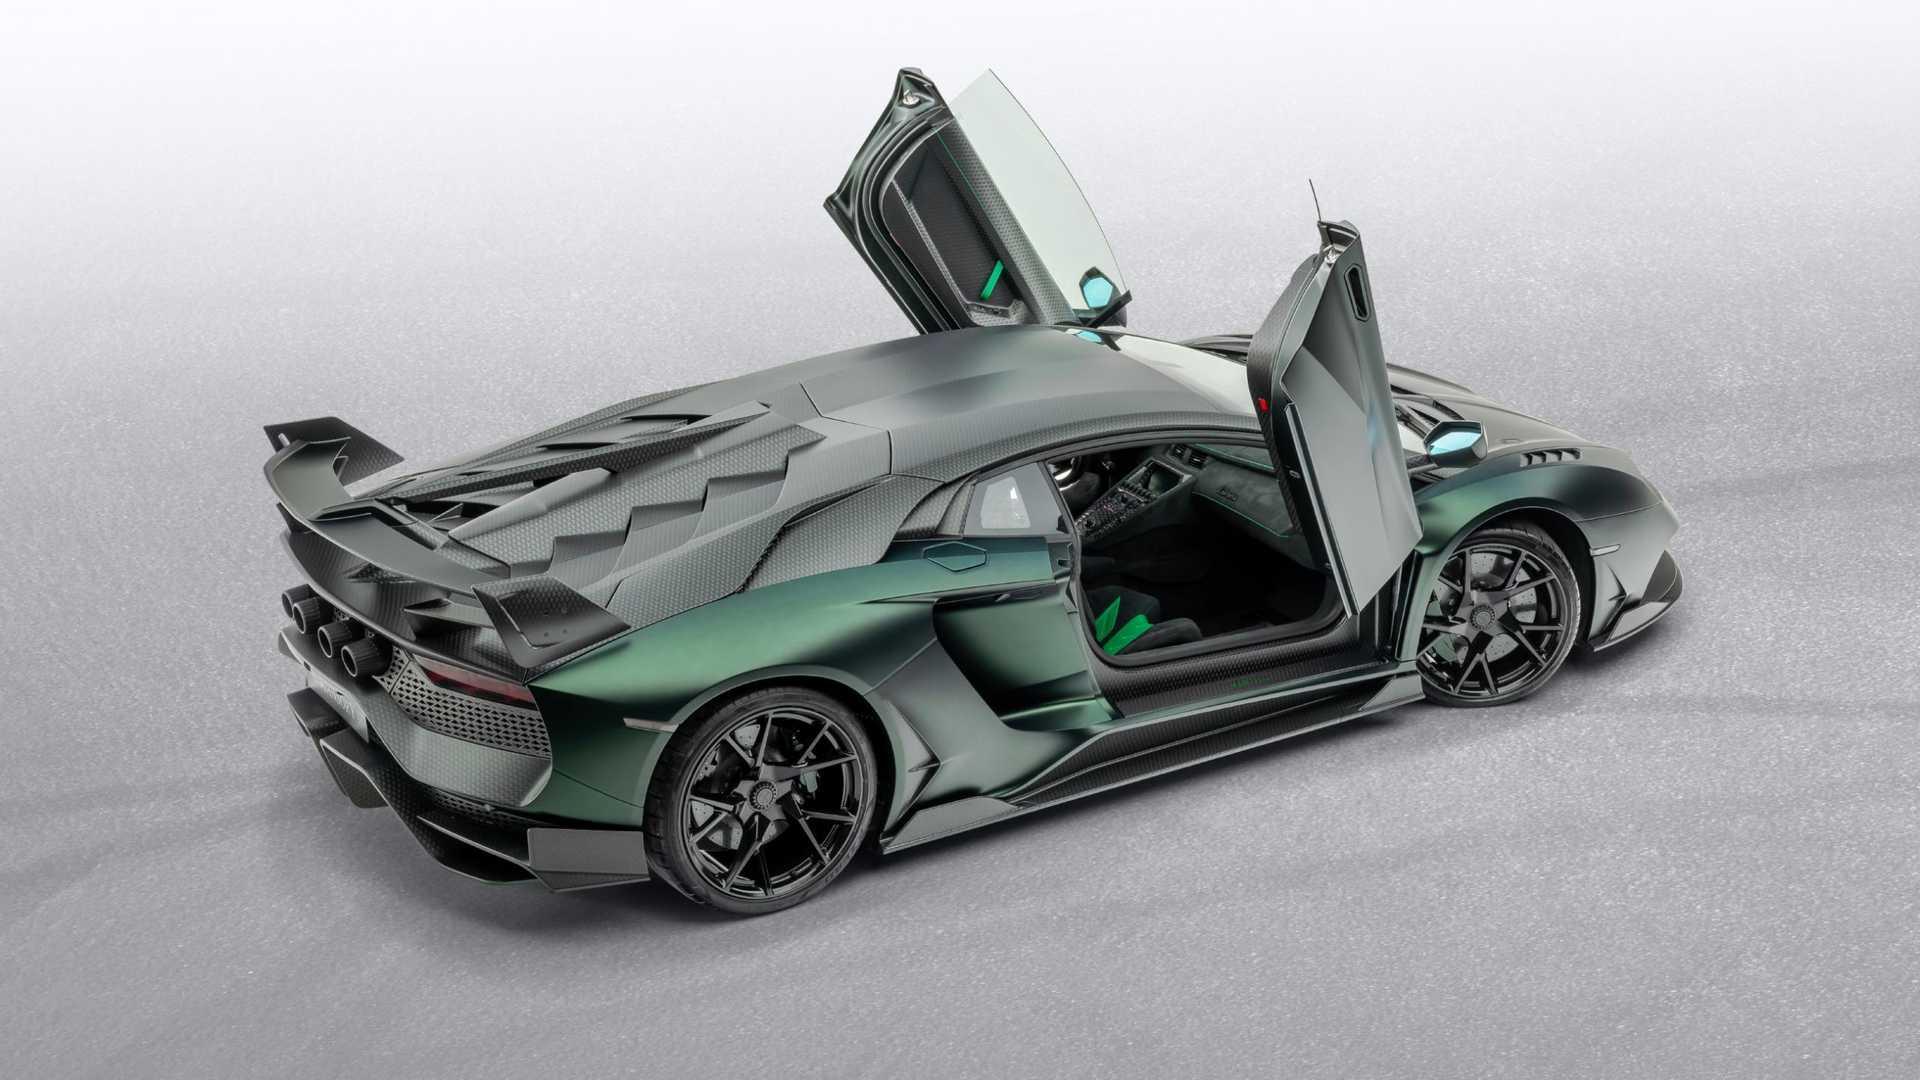 Mansory-Cabrera-Lamborghini-Aventador-SVJ-7